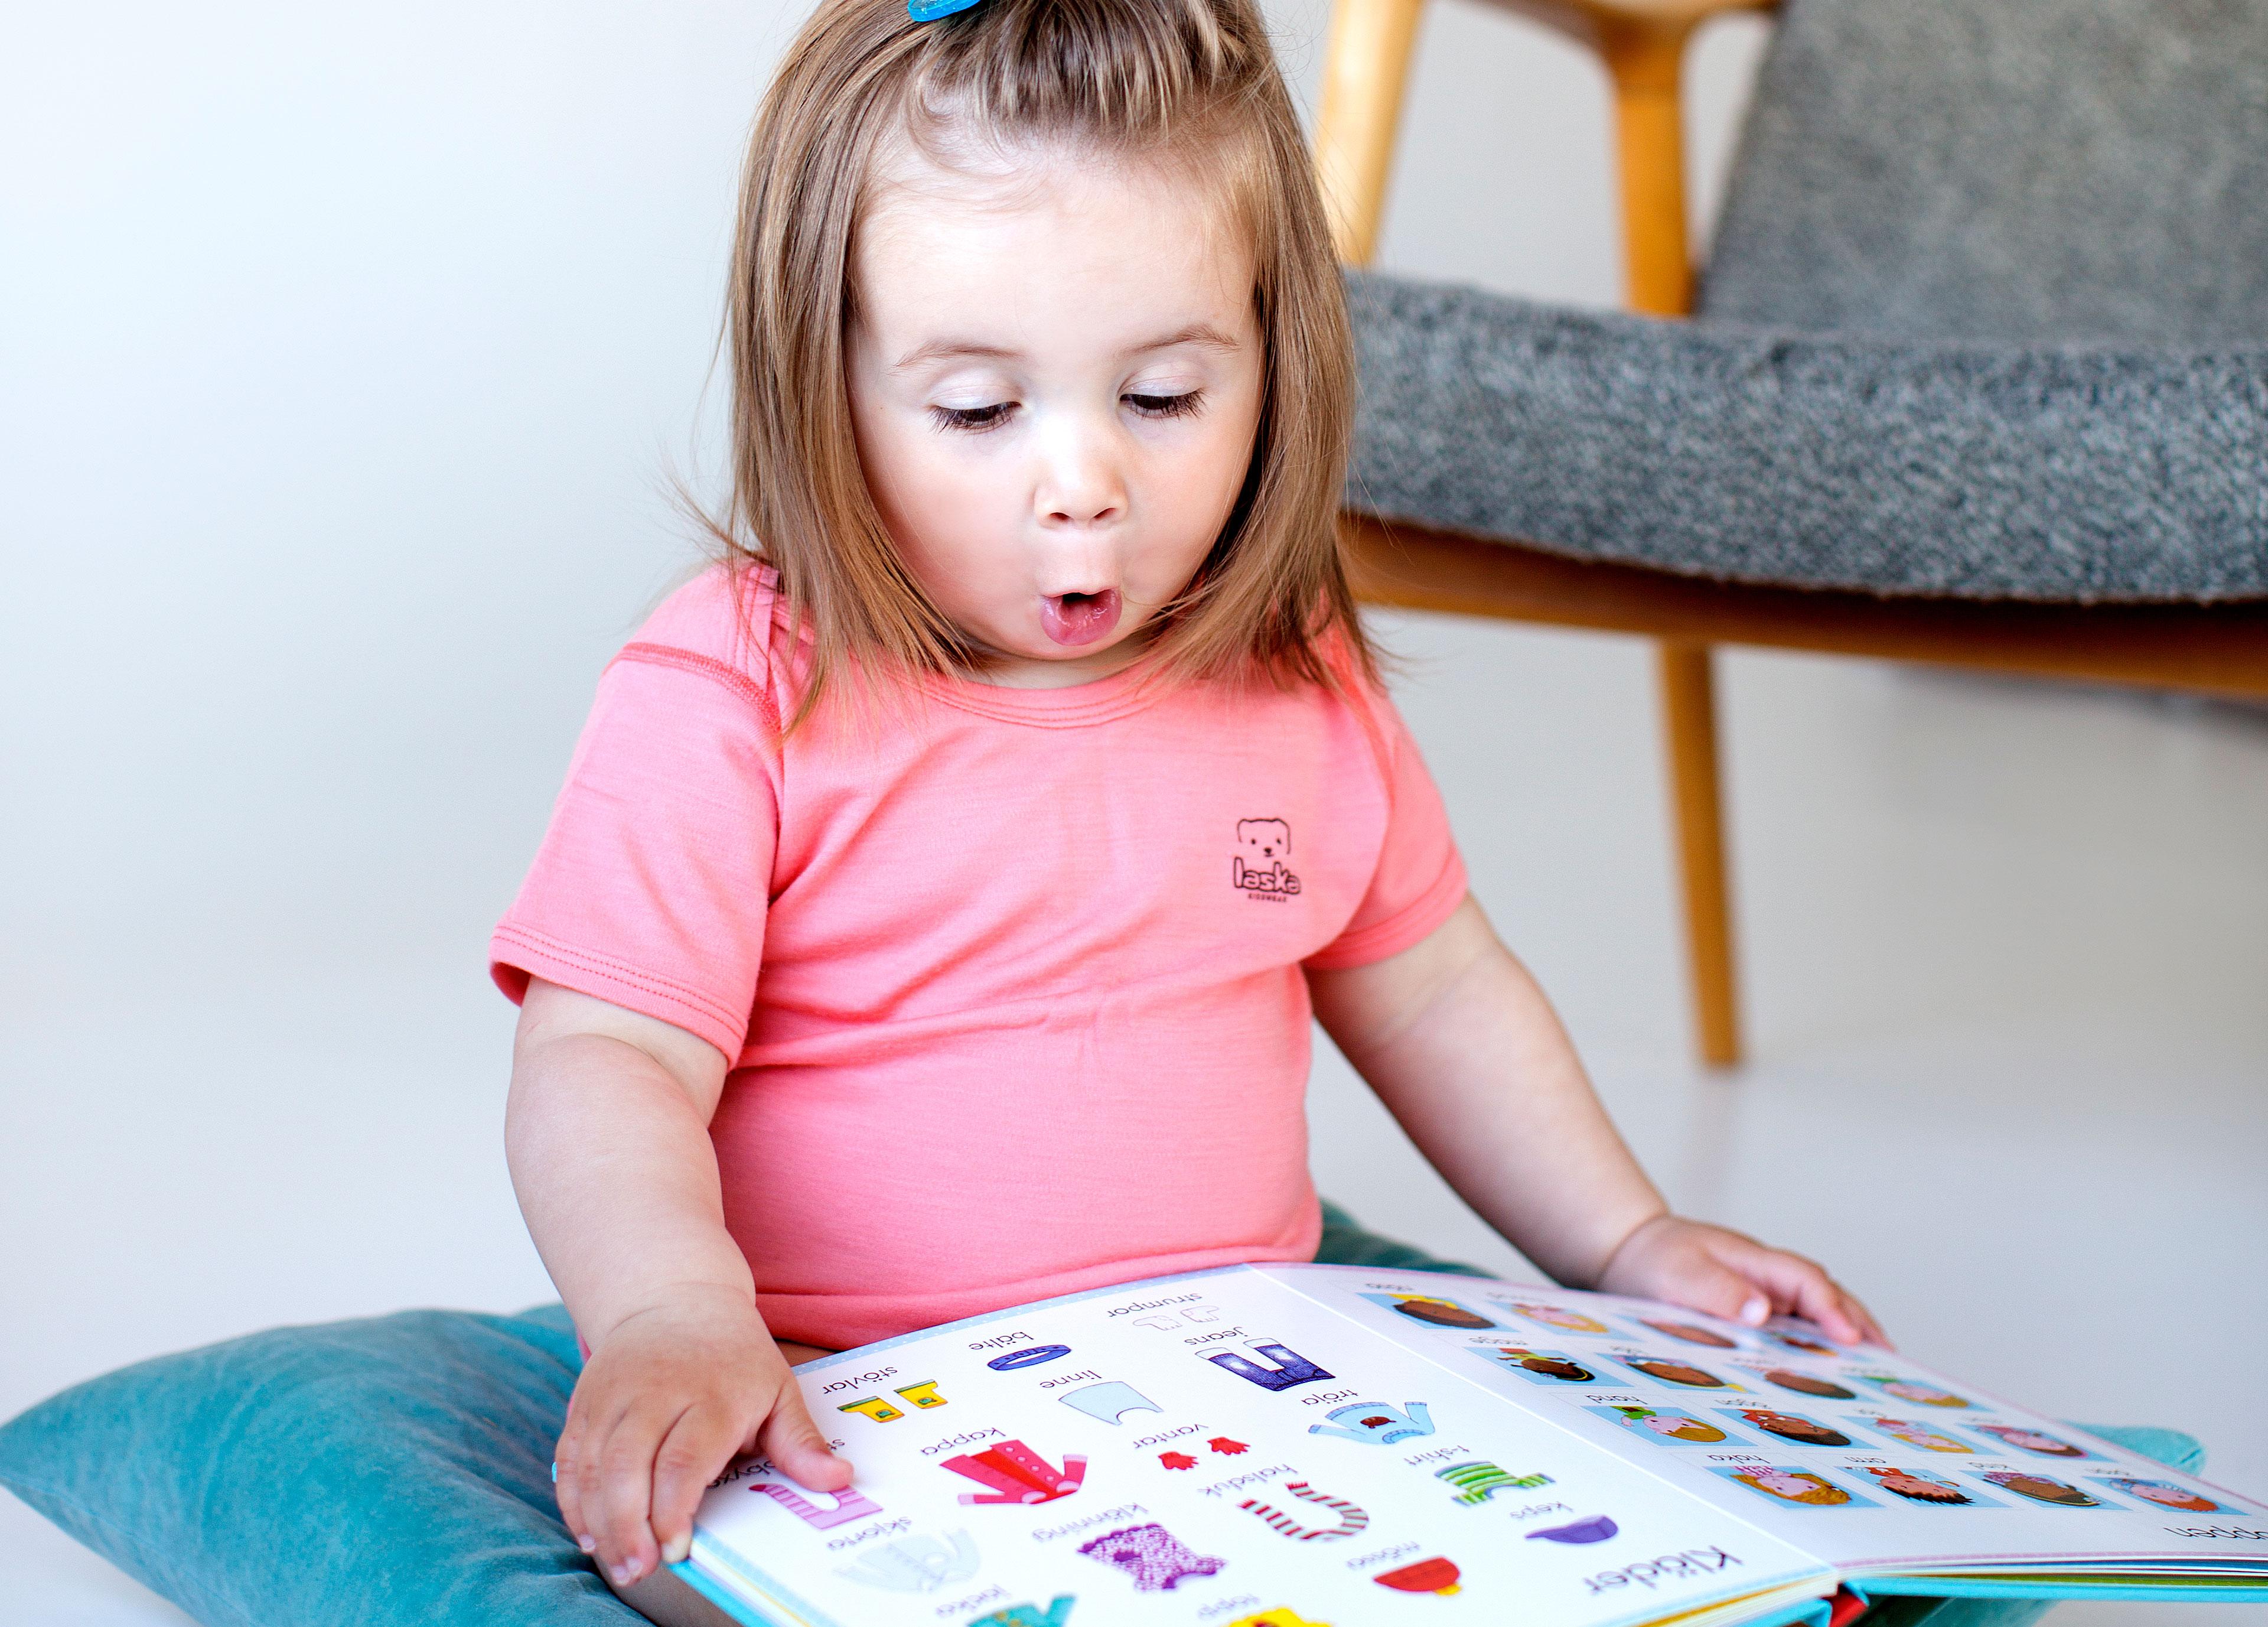 Kuvakirjat edistävät sosiaalista oppimista ja sanavarastoa - paremmin kuin lelut